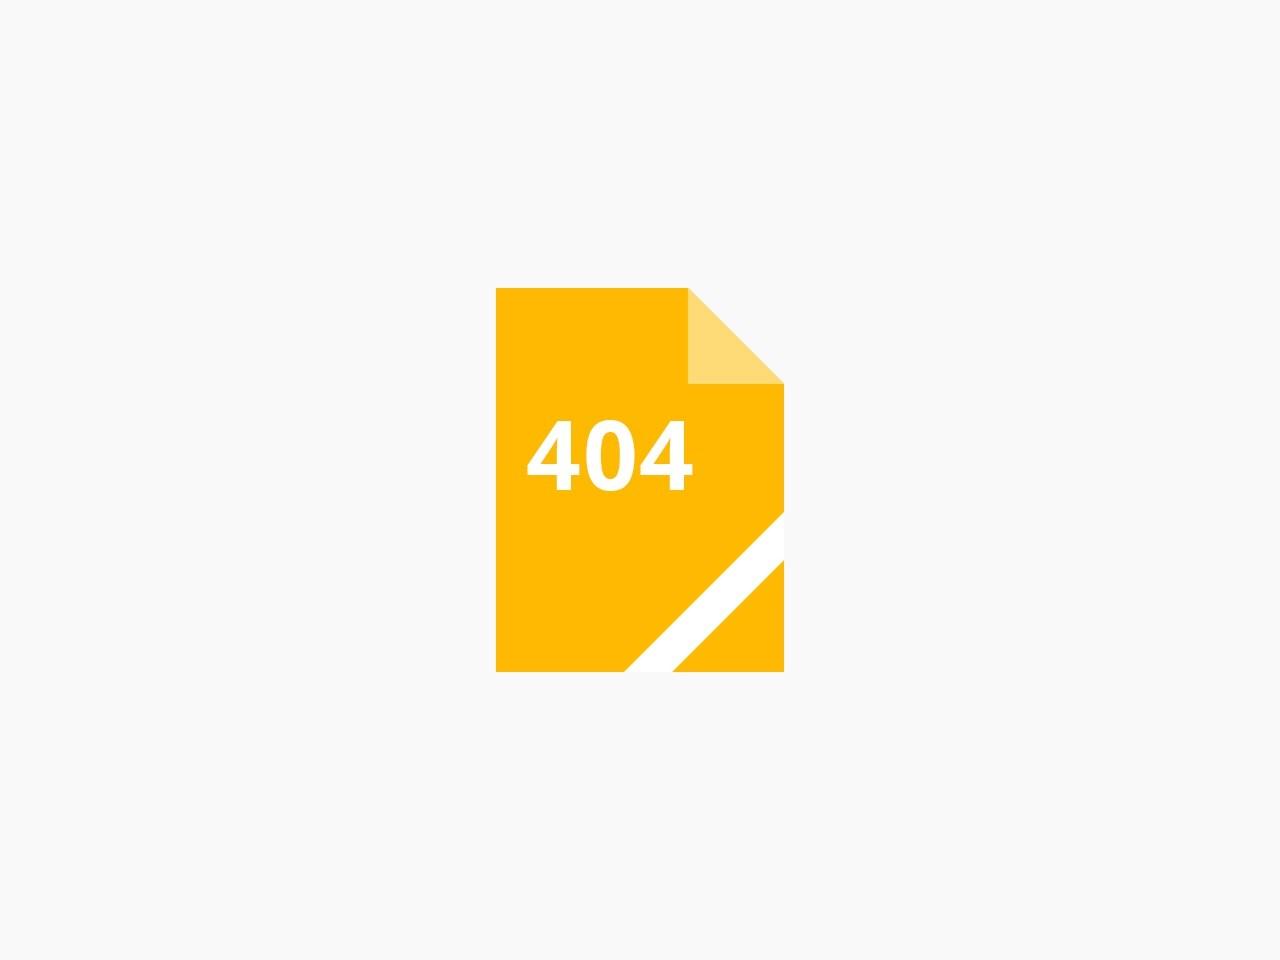 姑苏网 - 苏州综合社区门户网站|苏州论坛|姑苏论坛|苏州门户网